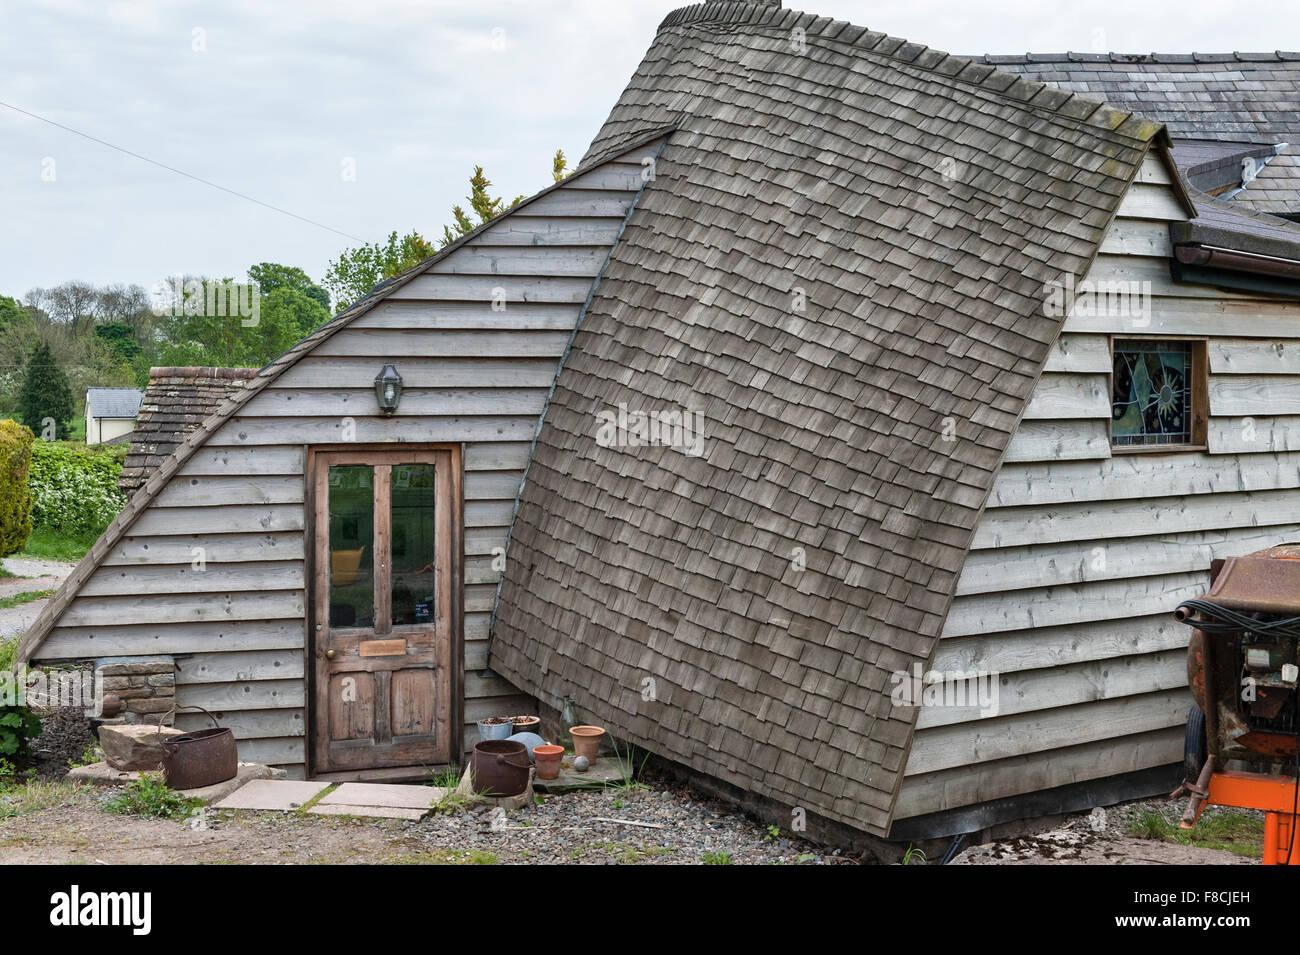 Herefordshire England Ein Selbst Gebautes Haus Holz Verkleidet